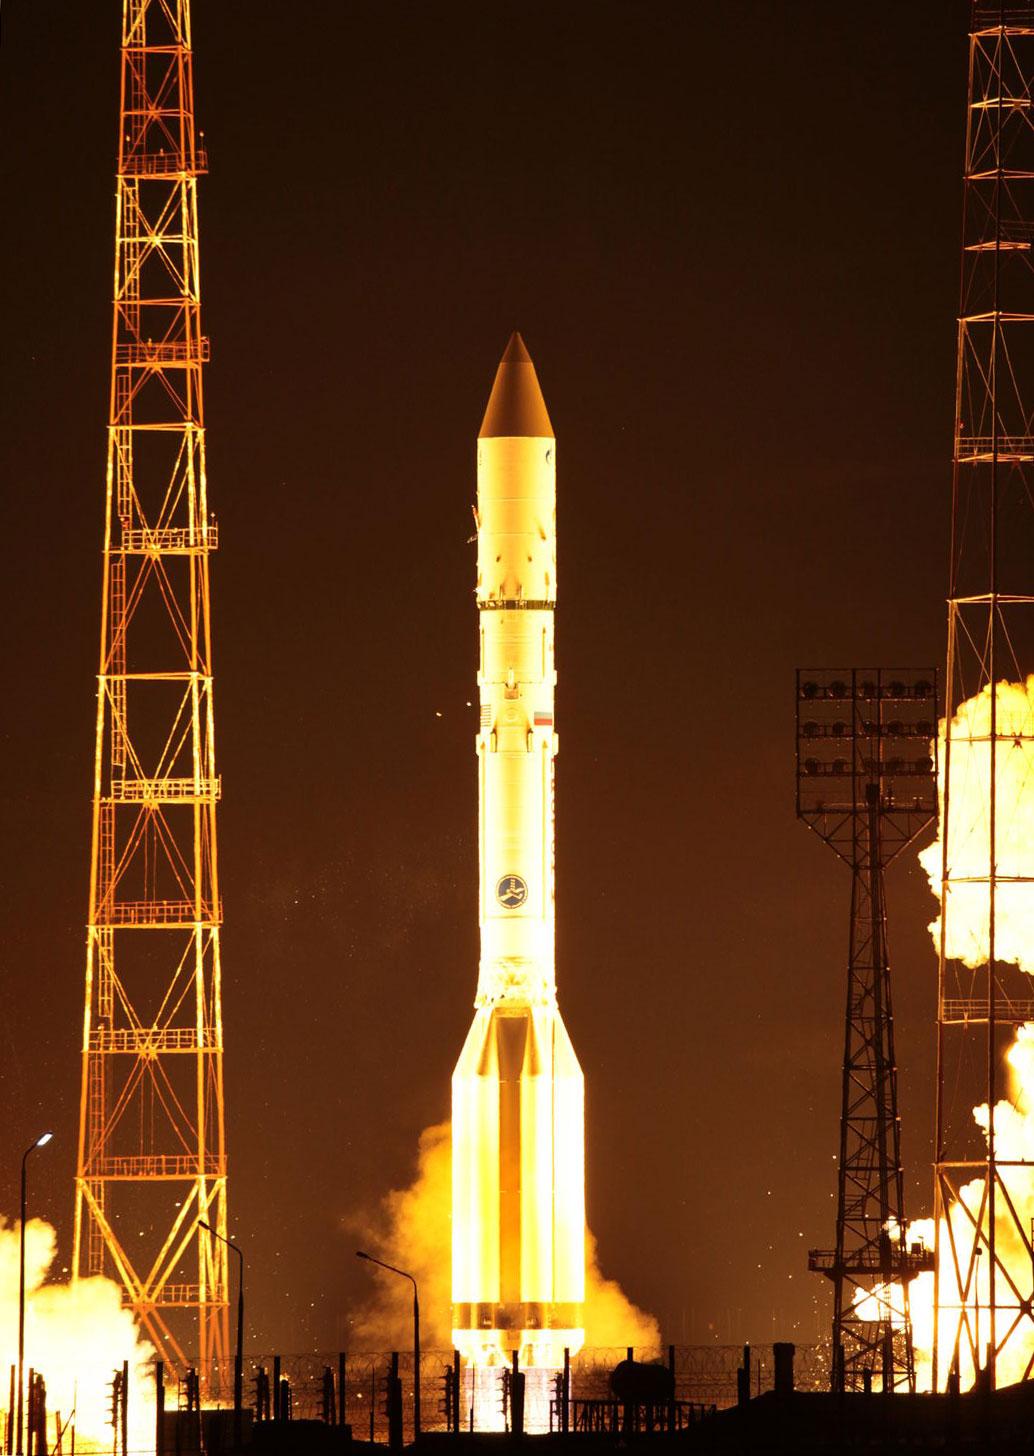 International Launch Services annuncia nuove versioni per il Proton